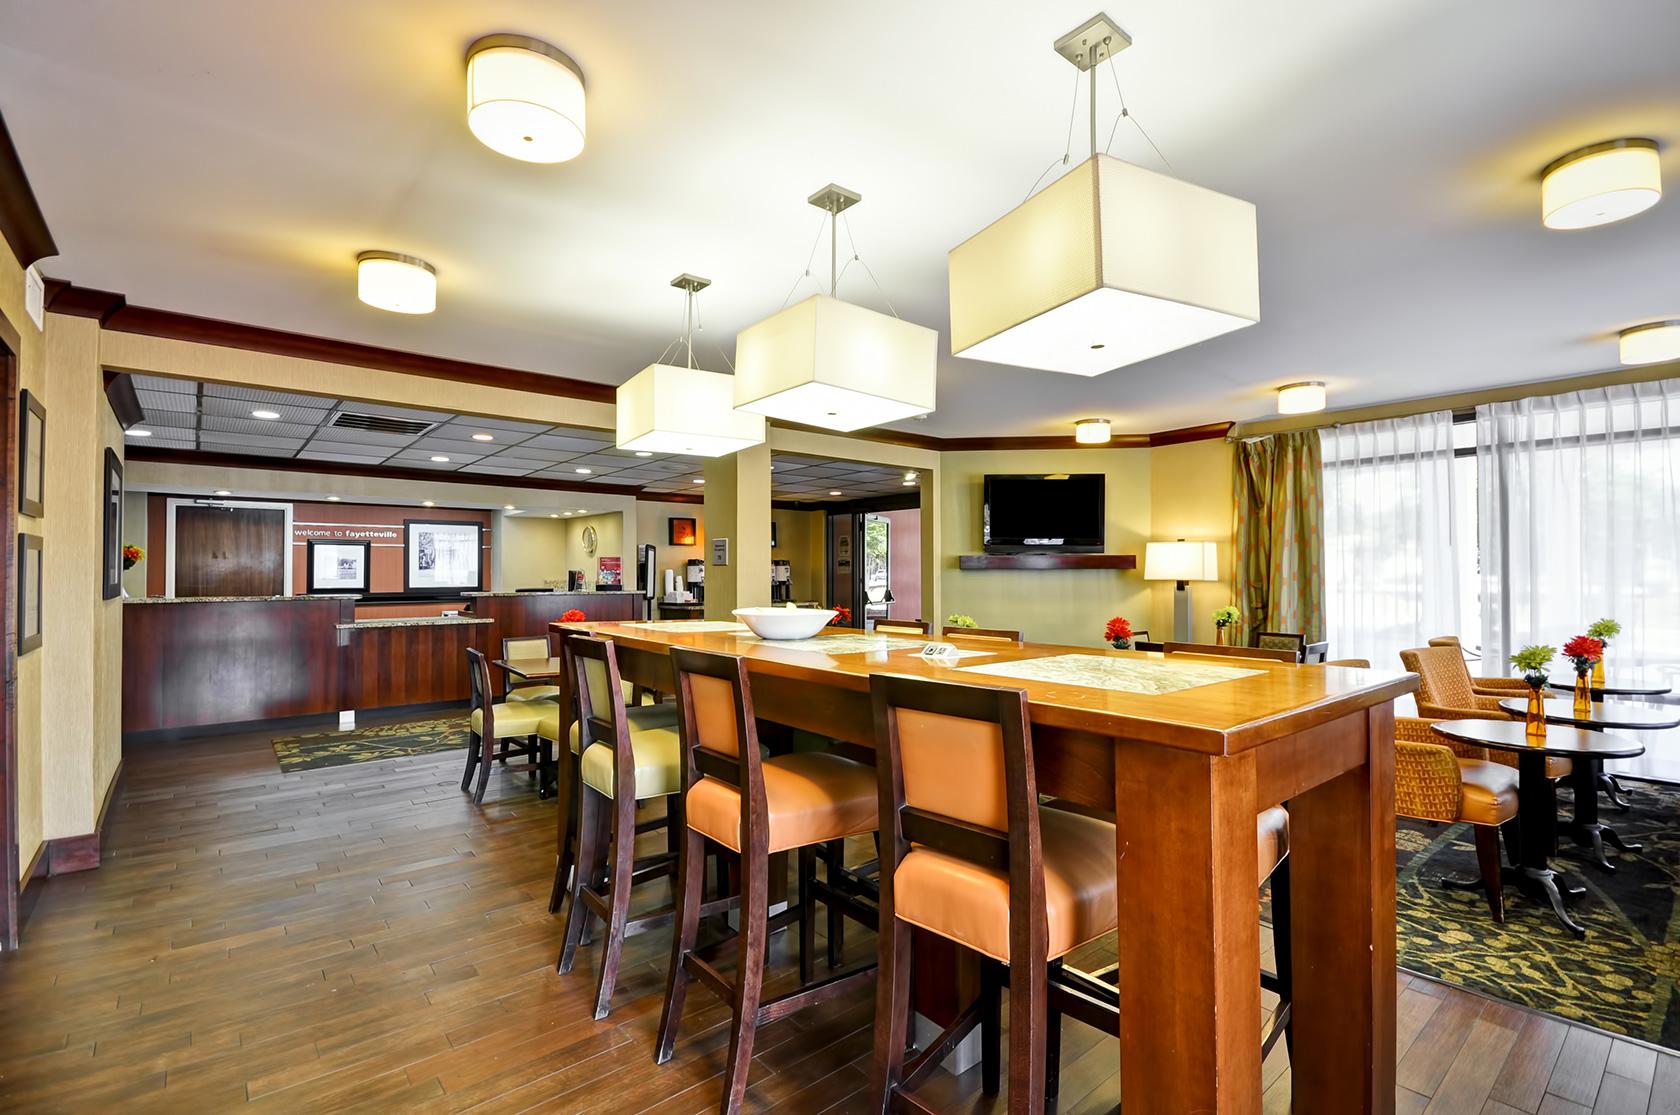 Red Lion Inn & Suites Fayetteville I-95 image 10